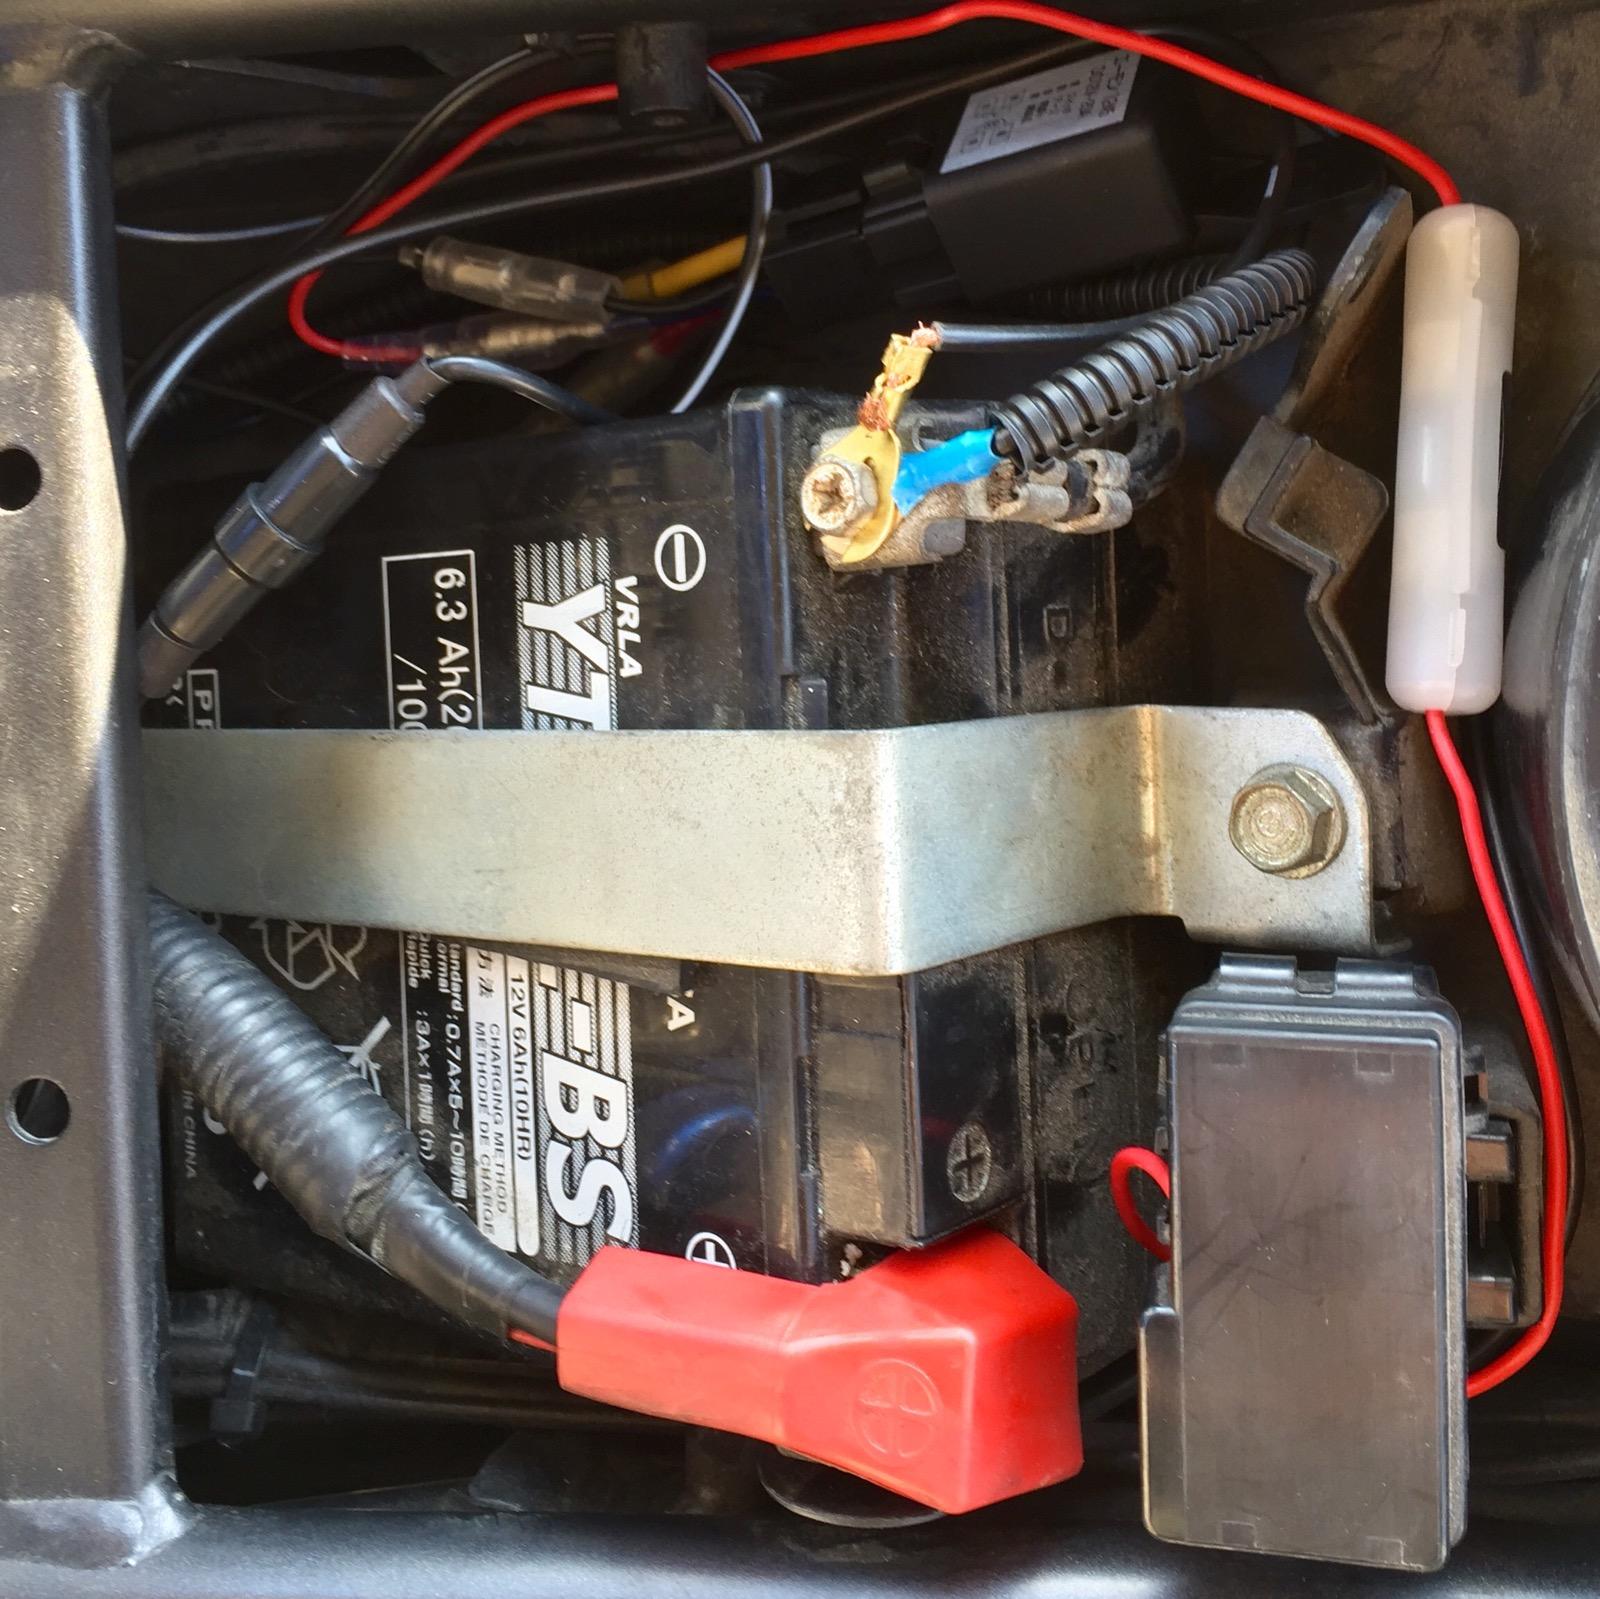 CBR250RにUSBポート回路を配線して整理したところ